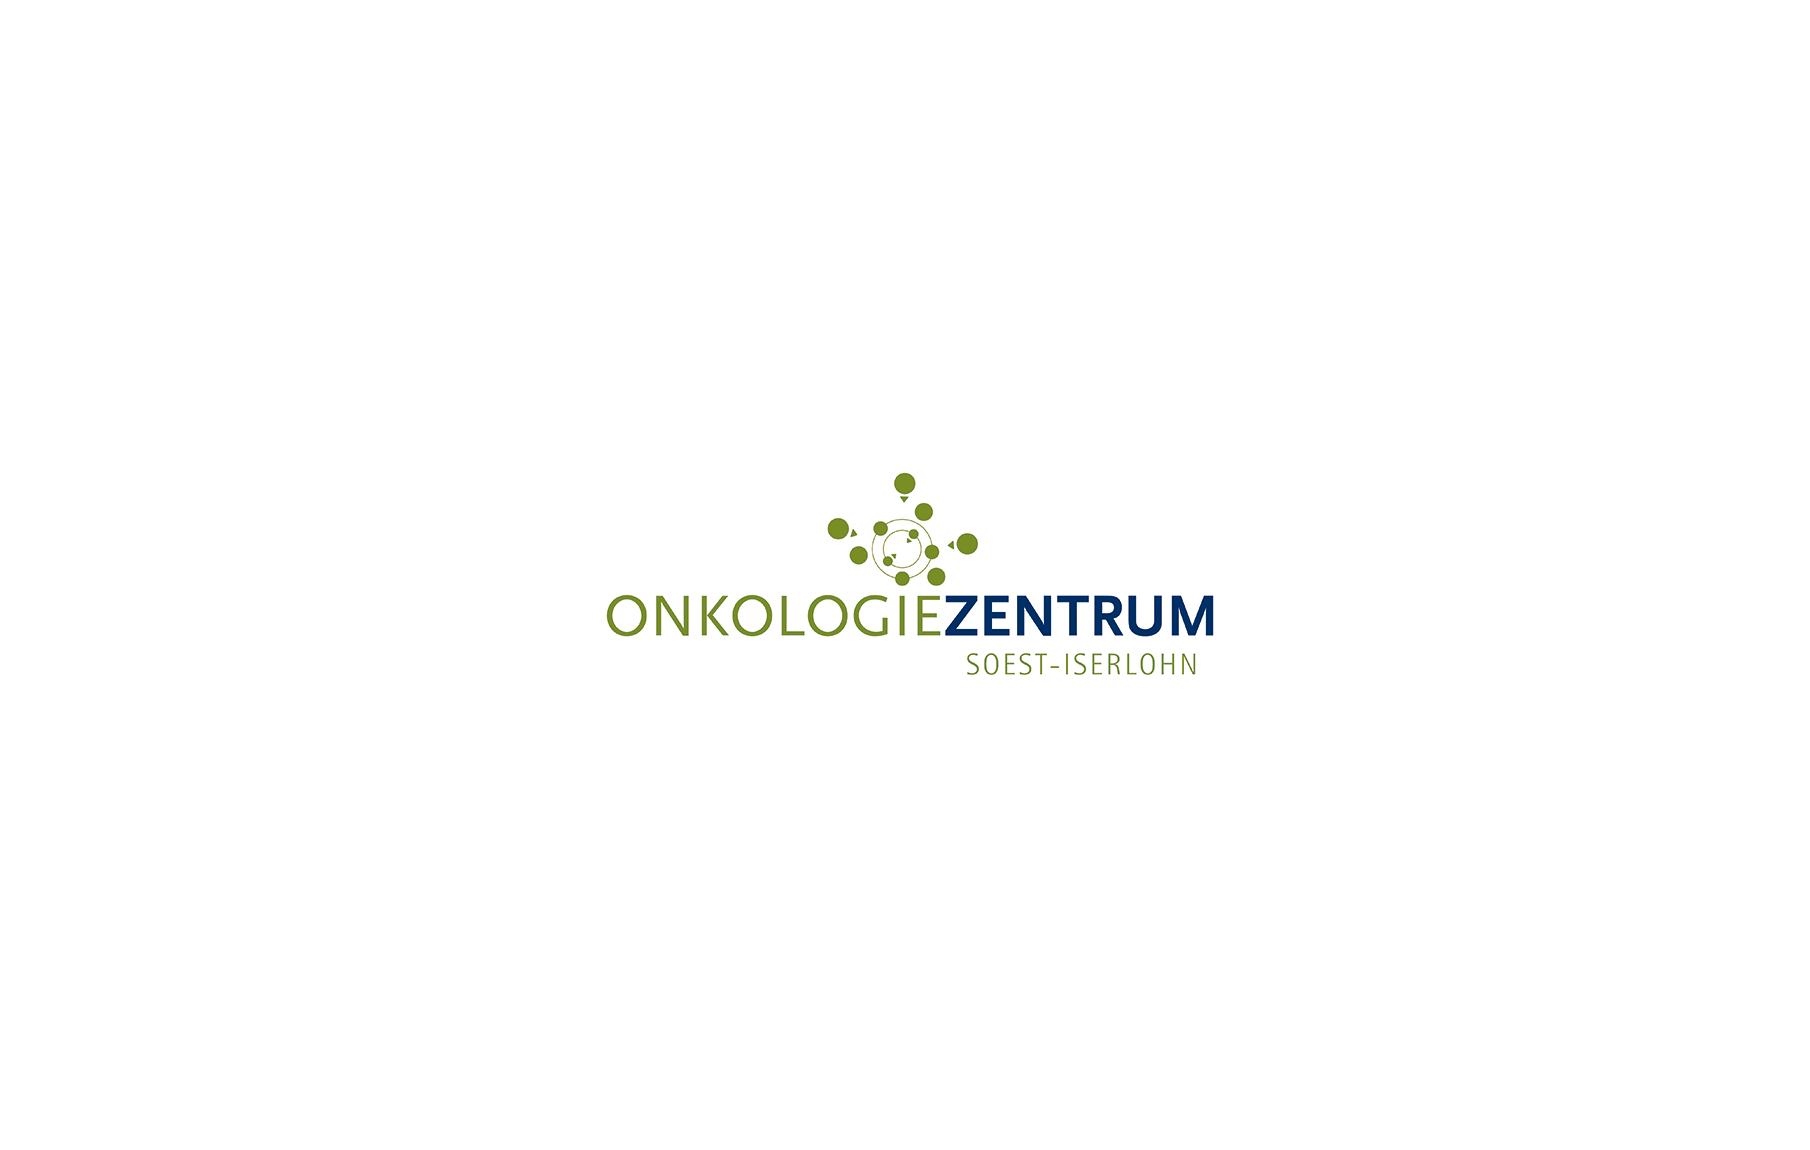 OZ_Klinik